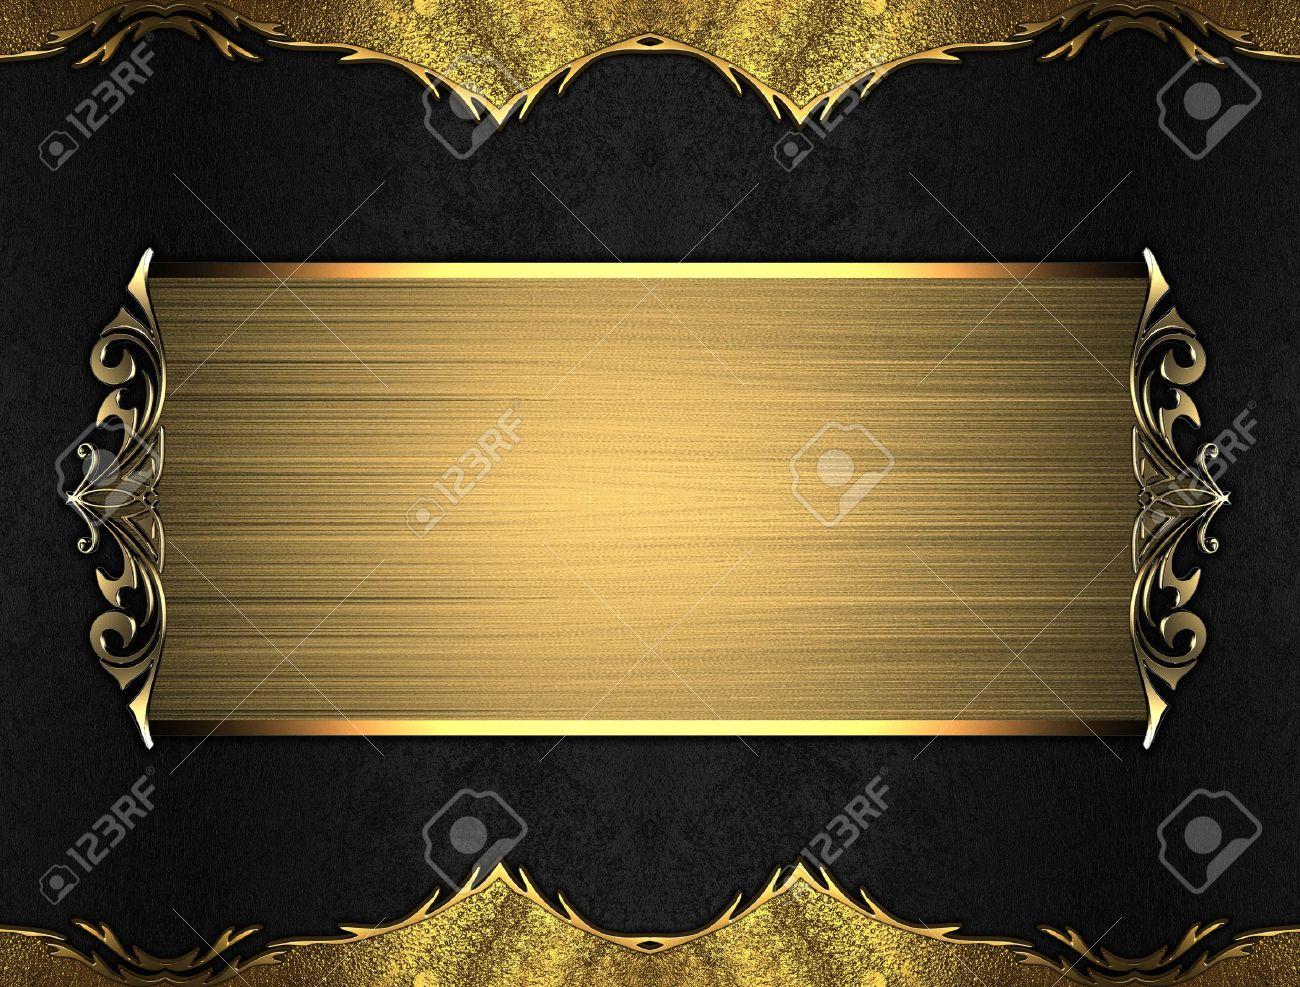 Fondo Negro Con Bordes De Oro Con Un Bello Acabado Y En La Placa De ...